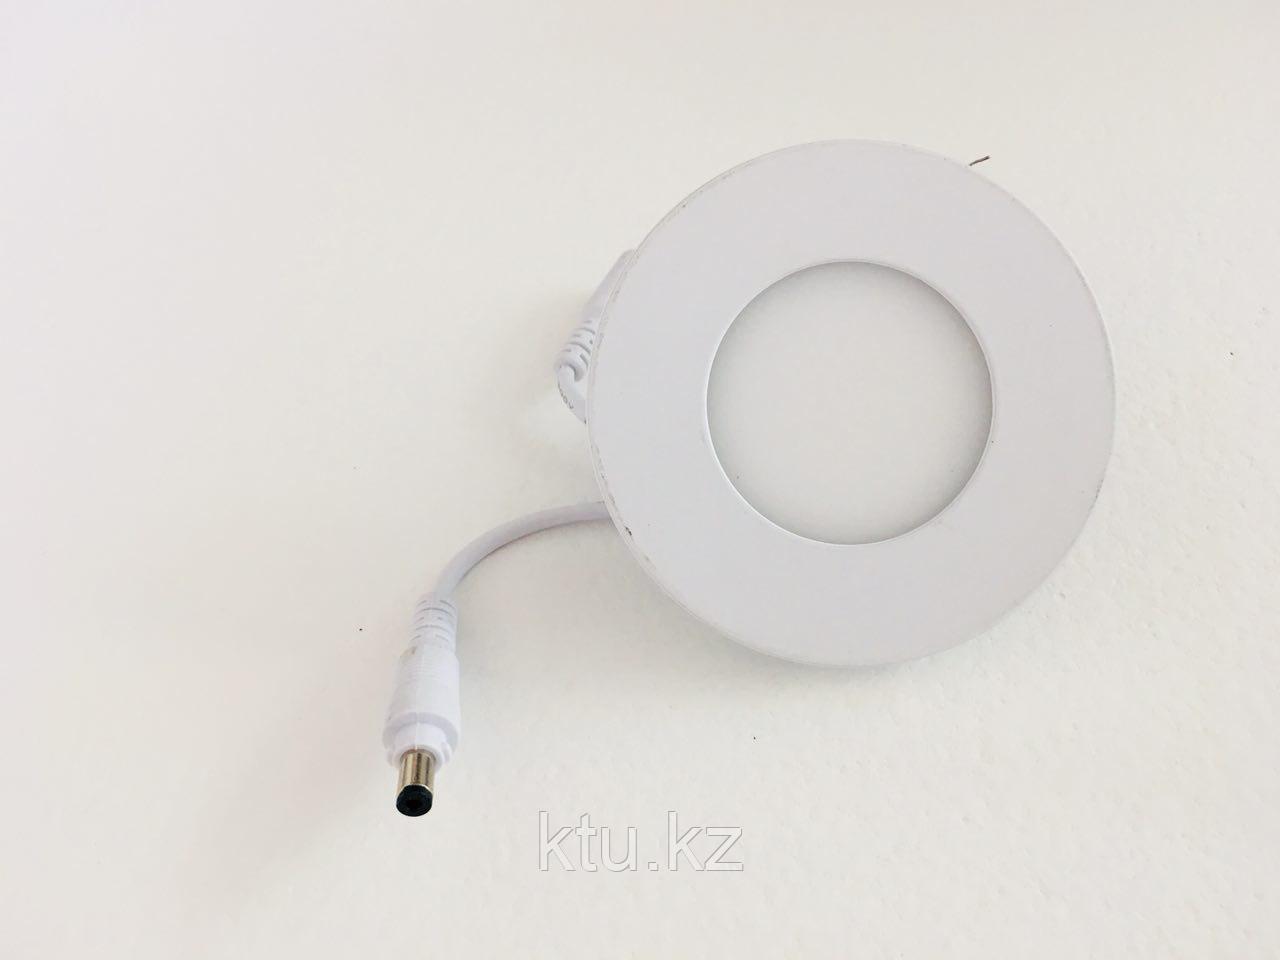 Светильник (споты) для ванной JL-F 3W,внутренний 1год гарантия